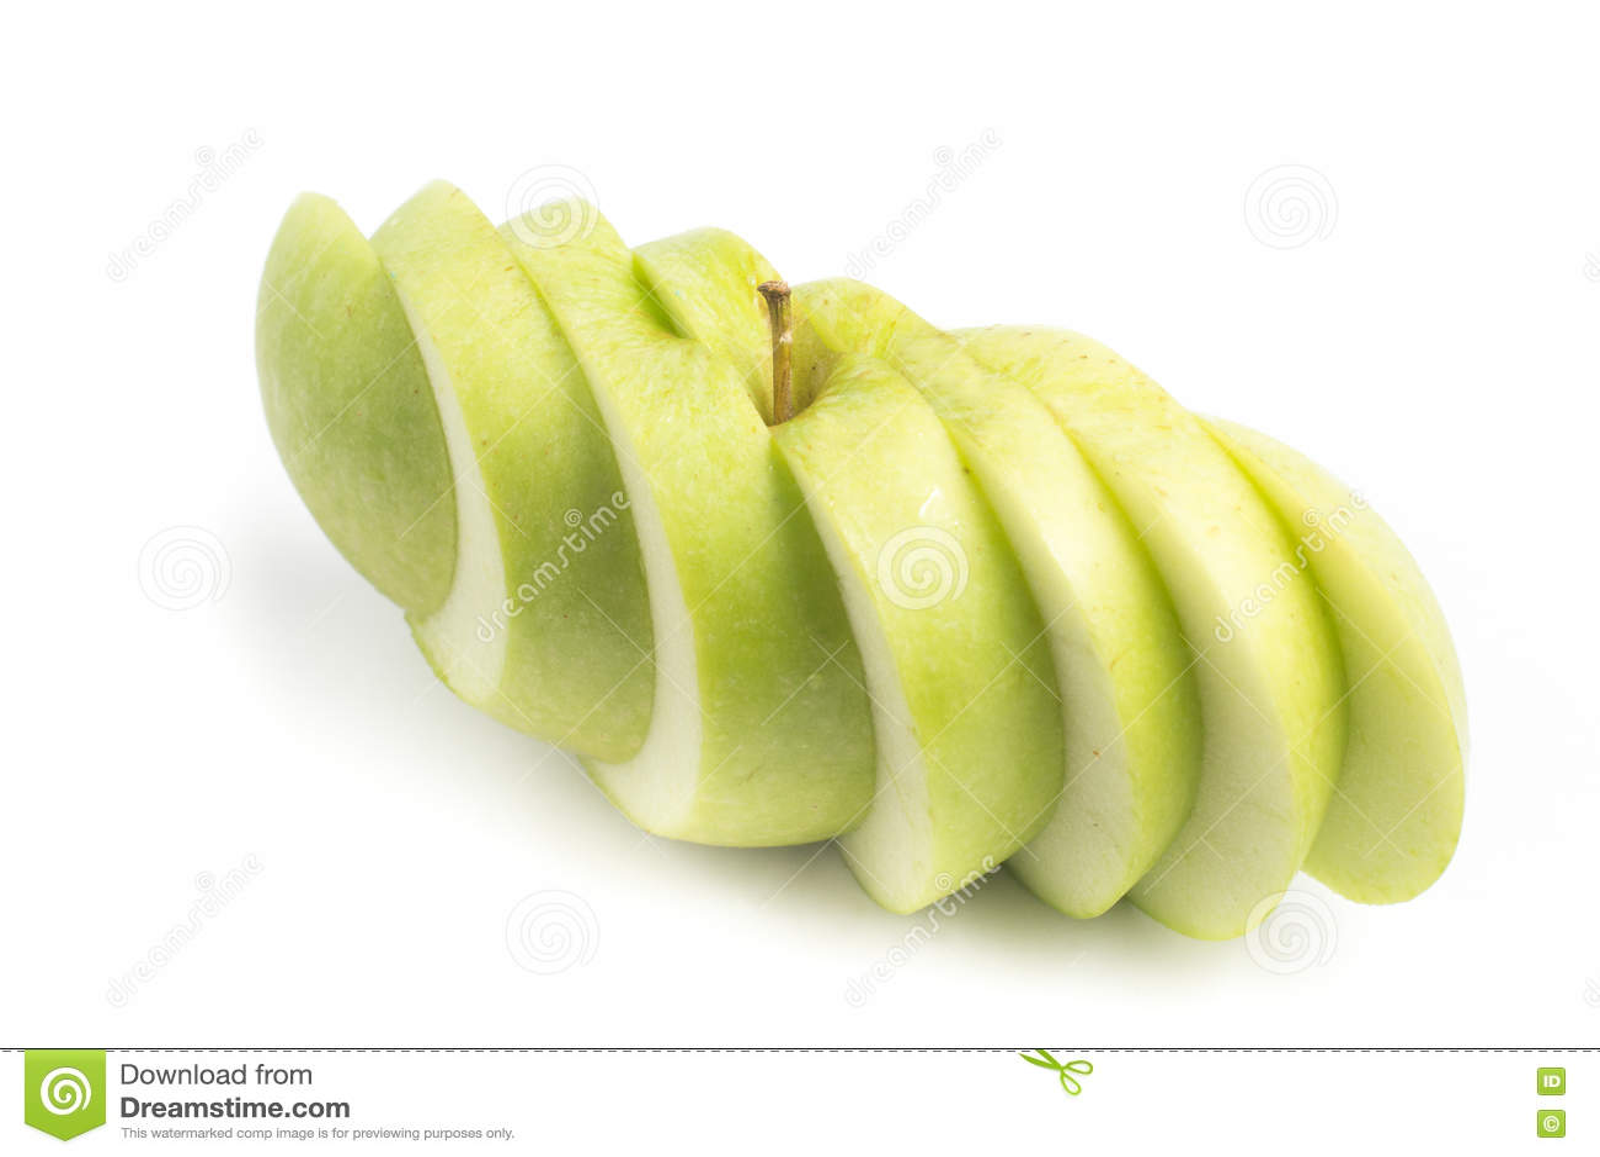 Pomme verte coupée en tranches